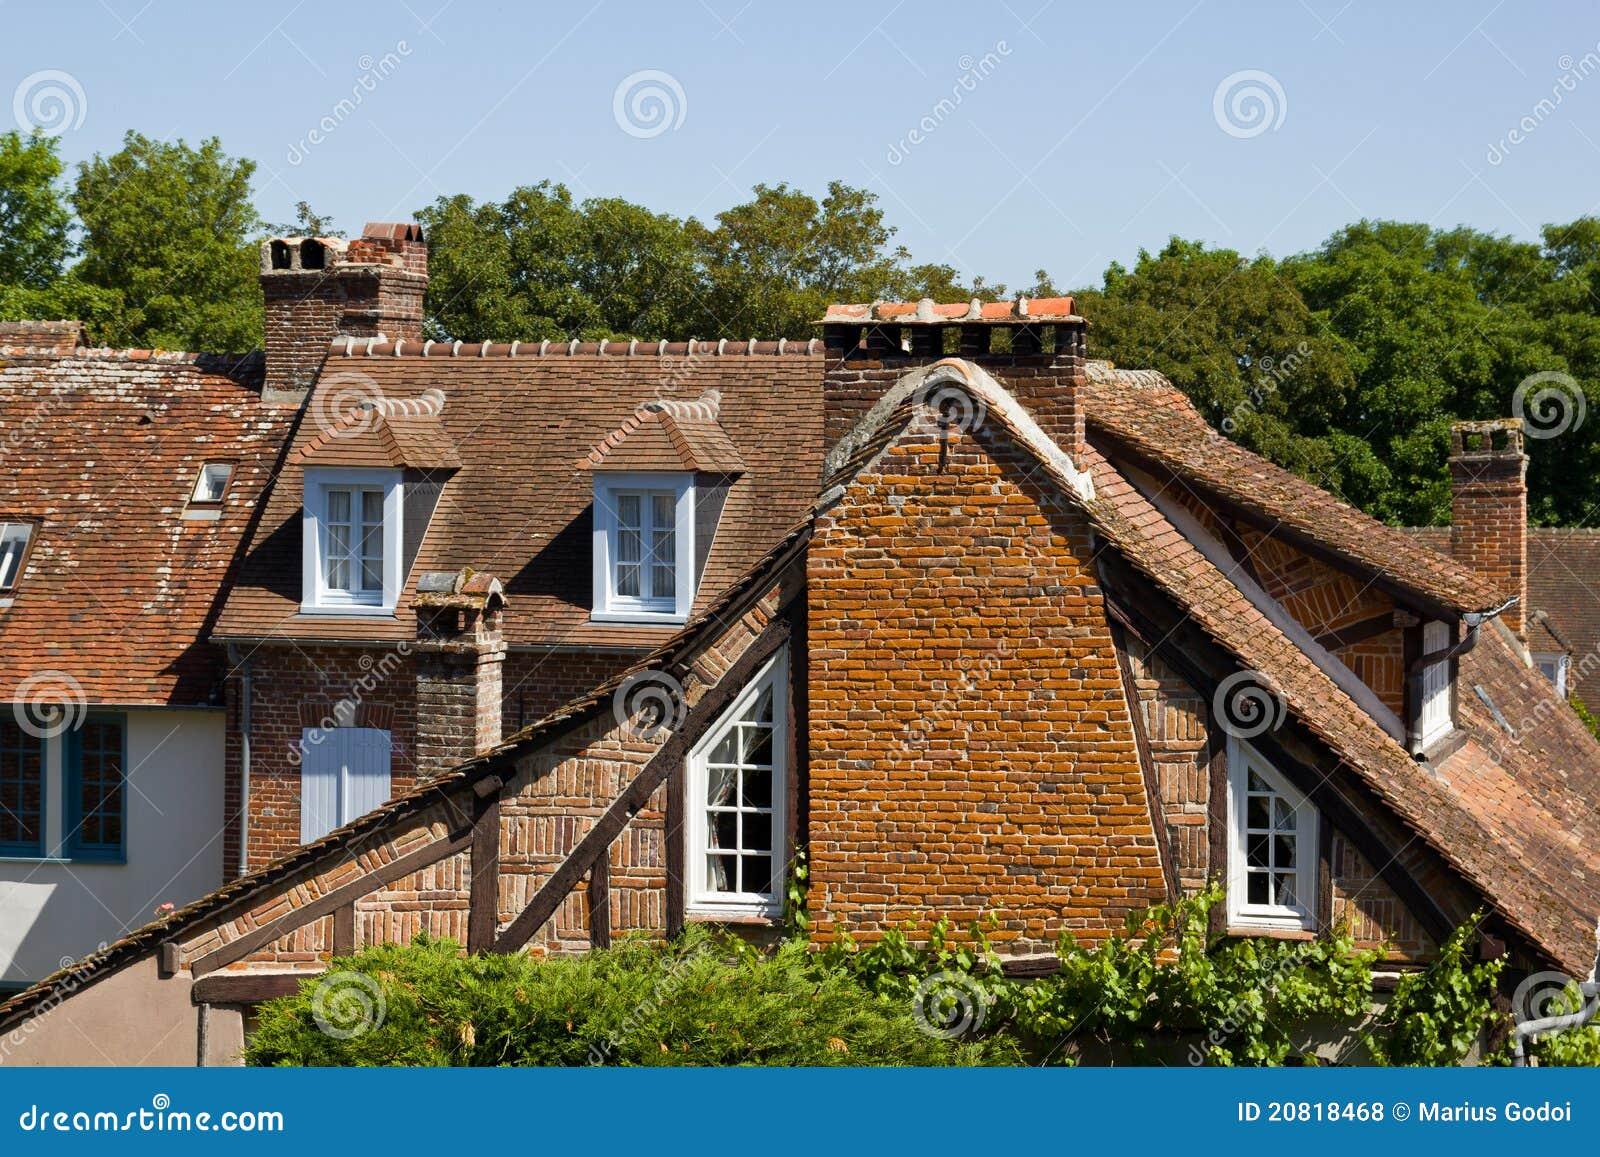 France) http://www.les plus beaux villages de france.org/en/gerberoy #4E5C18 1300x957